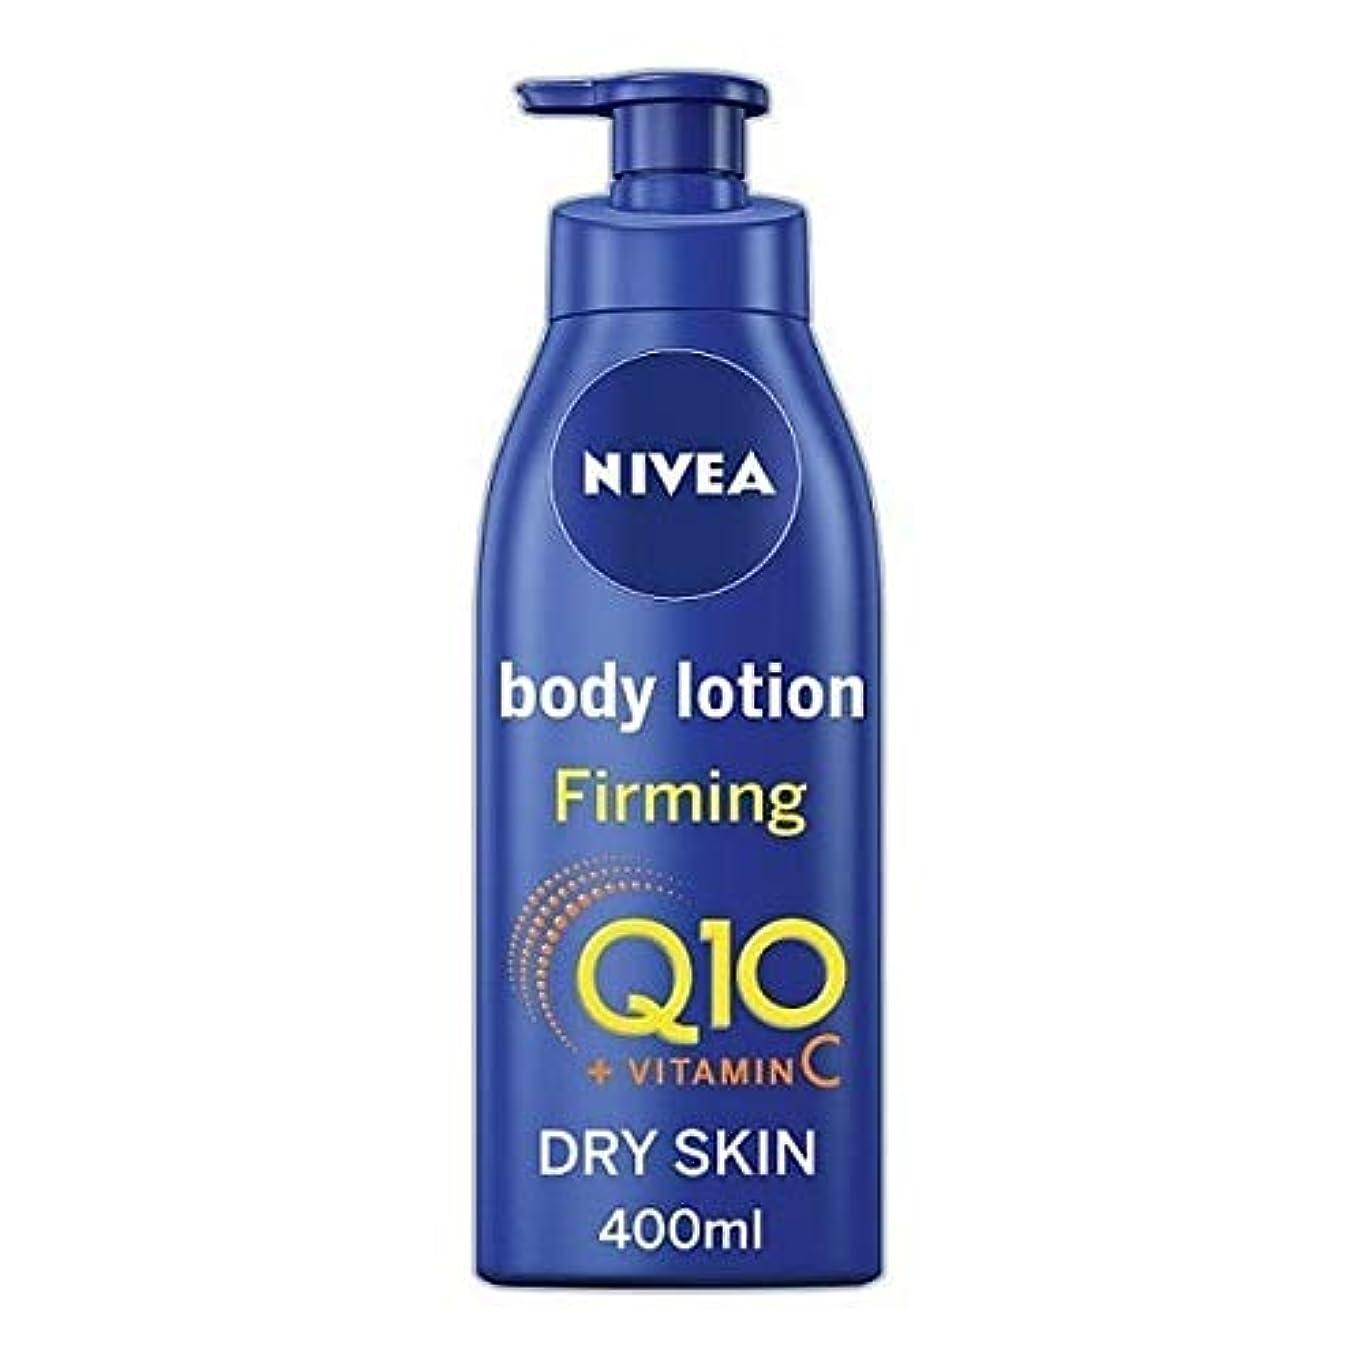 どんなときもソーダ水事件、出来事[Nivea ] 乾燥肌、400ミリリットルのためのニベアQ10ビタミンCファーミングボディローション - NIVEA Q10 Vitamin C Firming Body Lotion for Dry Skin, 400ml...